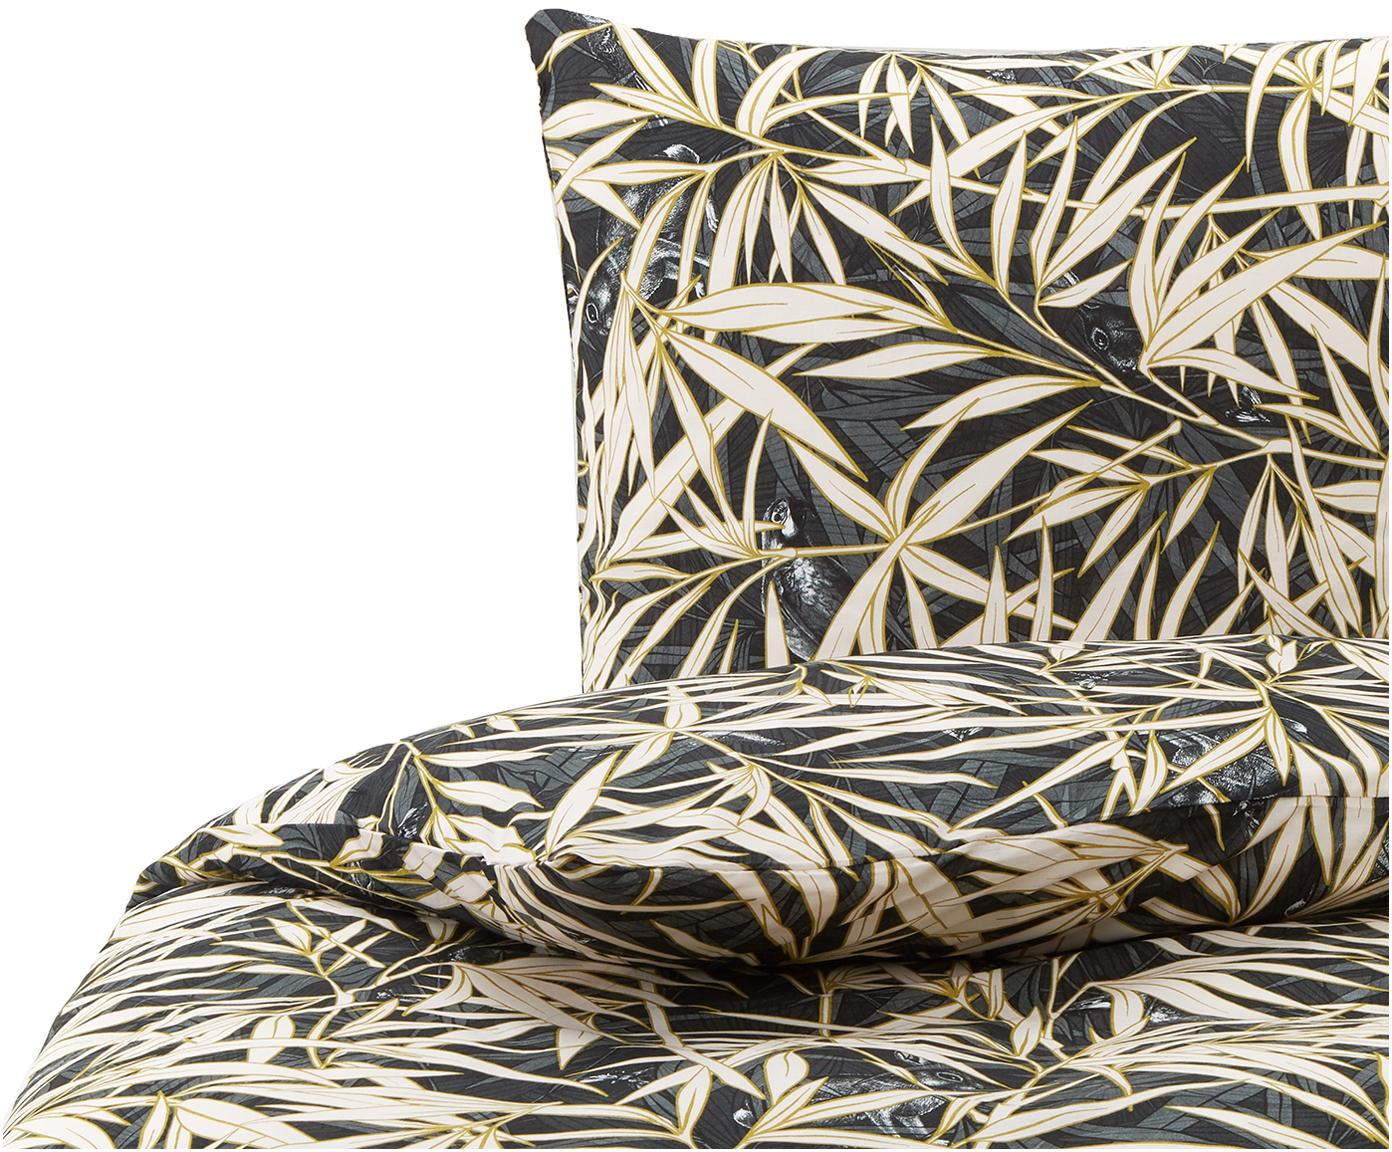 Baumwoll-Bettwäsche Hy Spy mit tropischem Print, 100% Baumwolle  Fadendichte 144 TC, Standard Qualität  Bettwäsche aus Baumwolle fühlt sich auf der Haut angenehm weich an, nimmt Feuchtigkeit gut auf und eignet sich für Allergiker., Grüntöne, Creme, 135 x 200 cm + 1 Kissen 80 x 80 cm